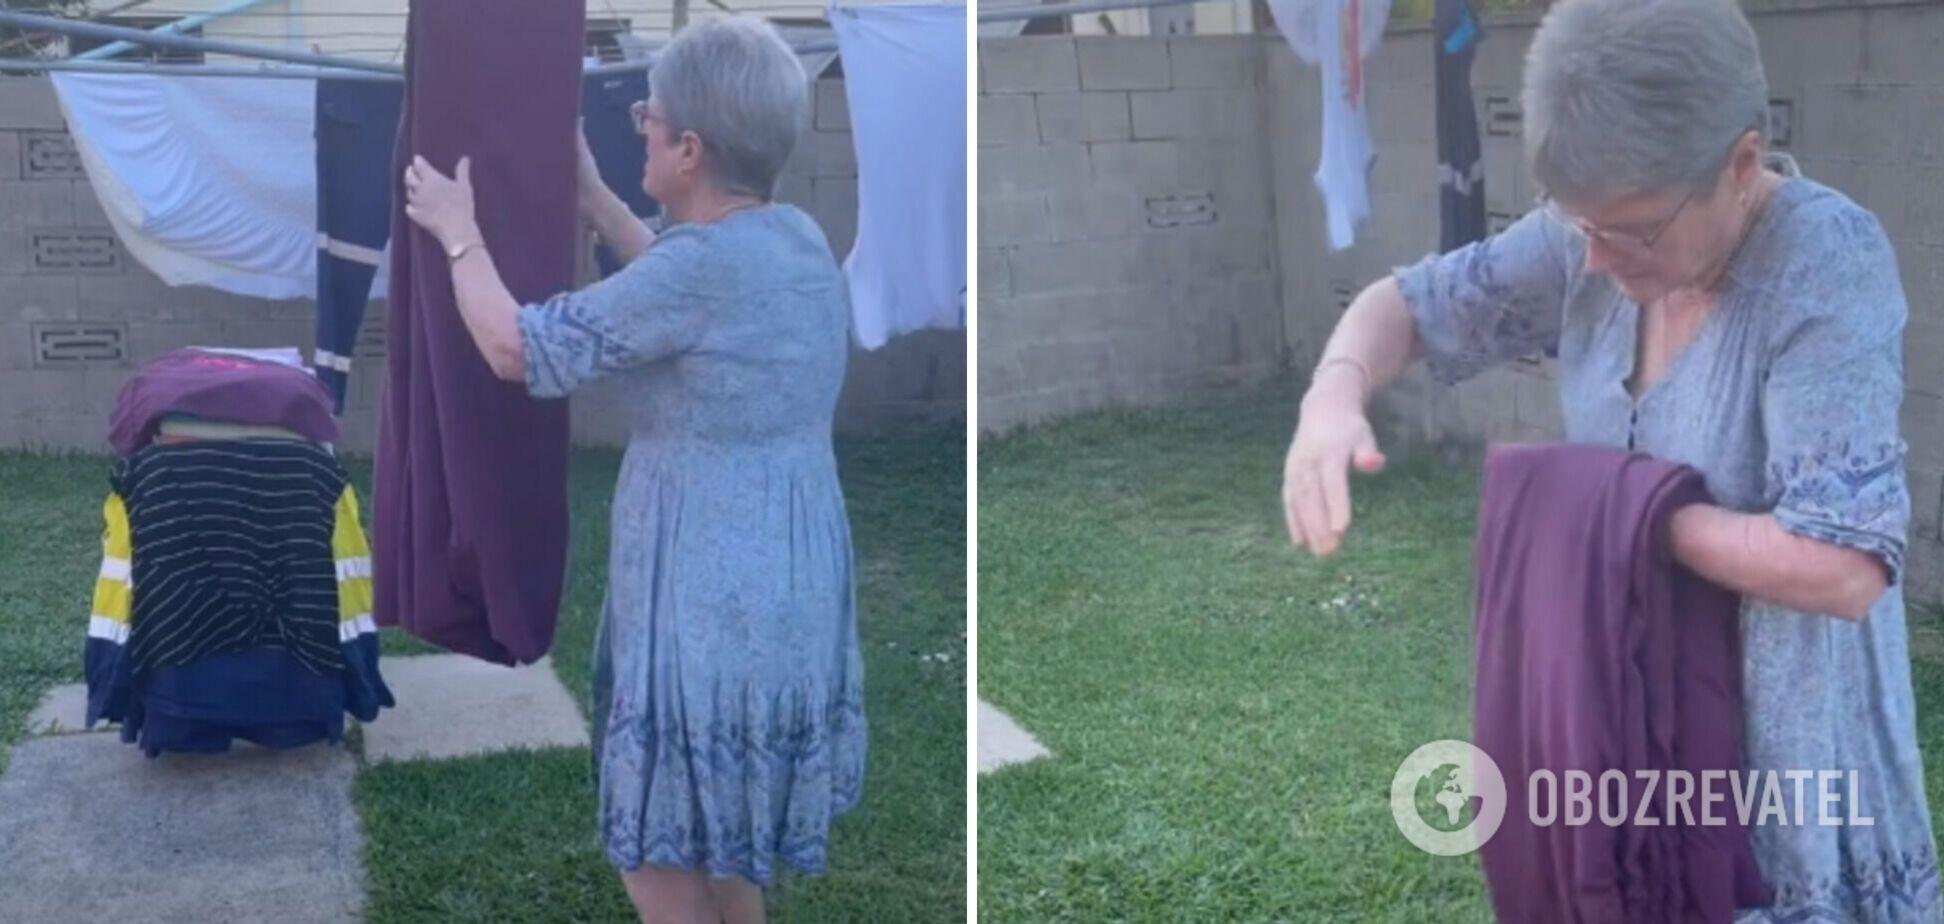 Бабуся із Австралії стала популярною завдяки своєму вмінню складати простирадло. Відео